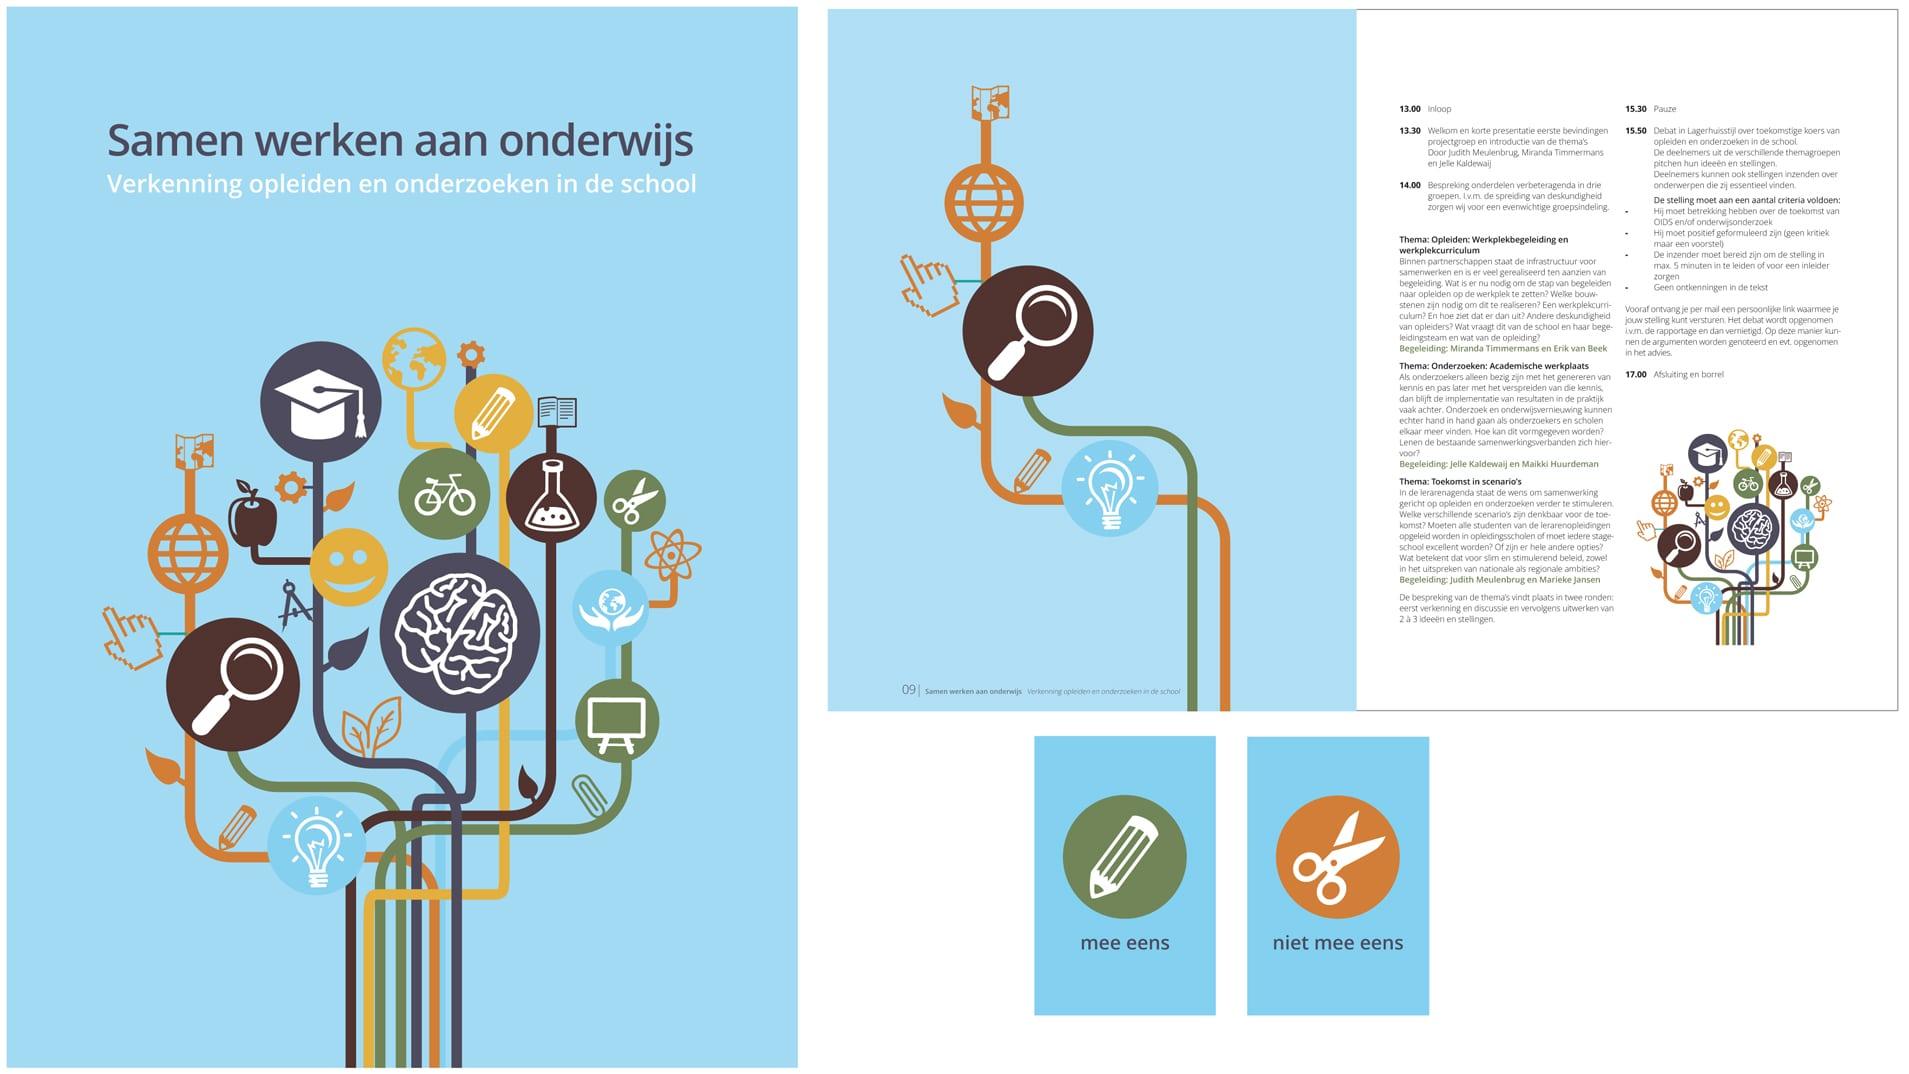 Ontwikkeling en vormgeving van materialen voor een toekomstsymposium - ministerie van OCW